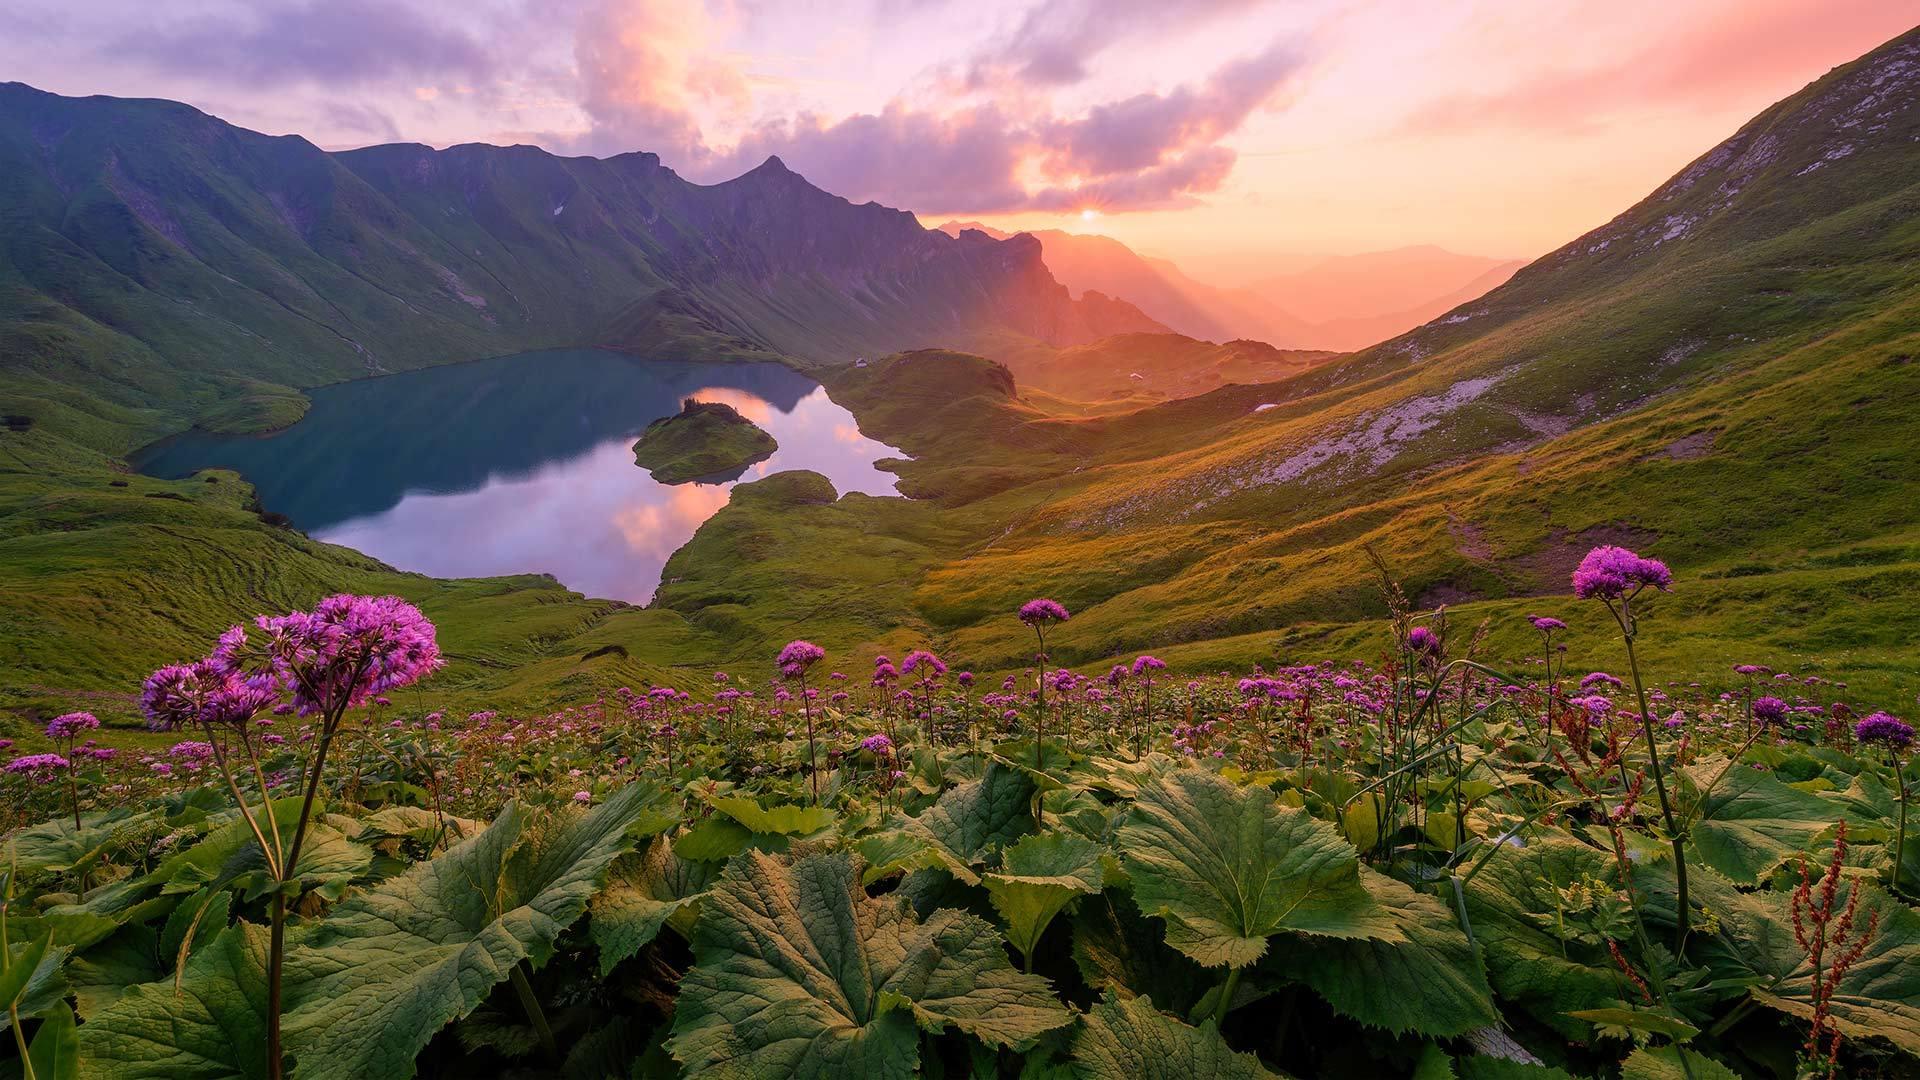 阿尔高阿尔卑斯山脉的Schrecksee湖阿尔卑斯山脉